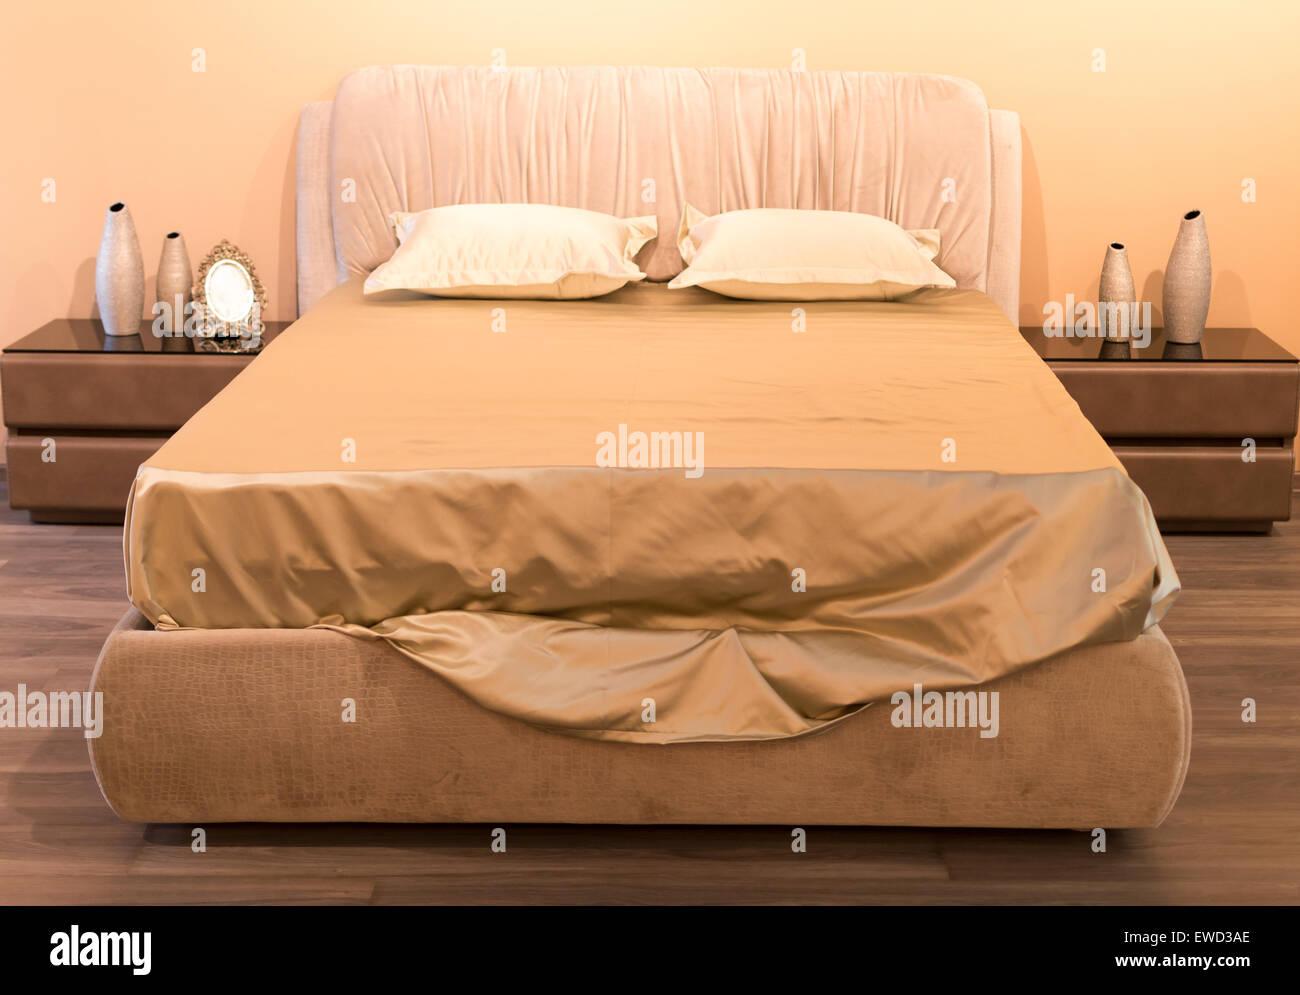 Abstrakten Hintergrund Bett Betten Schlafzimmer Kurve Dekoration Design  Elegante Stoff Mode Hotel Interior Lampe Luxus Material Dach